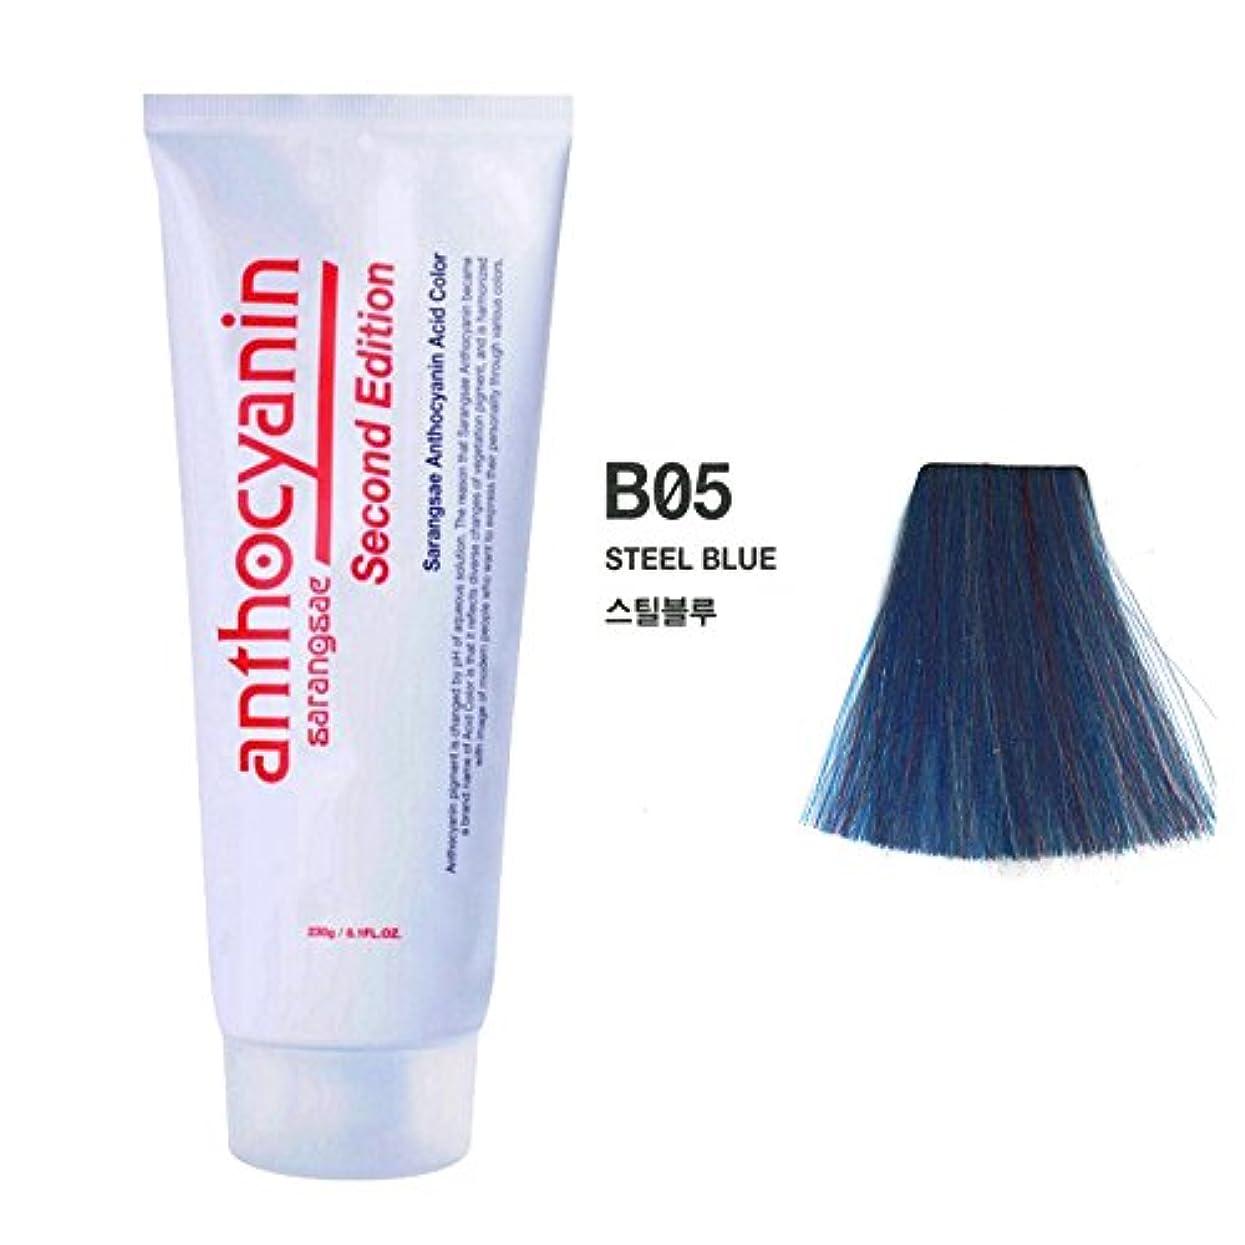 燃料コーンウォール値するヘア マニキュア カラー セカンド エディション 230g セミ パーマネント 染毛剤 (Hair Manicure Color Second Edition 230g Semi Permanent Hair Dye) [並行輸入品] (B05 Steel Blue)